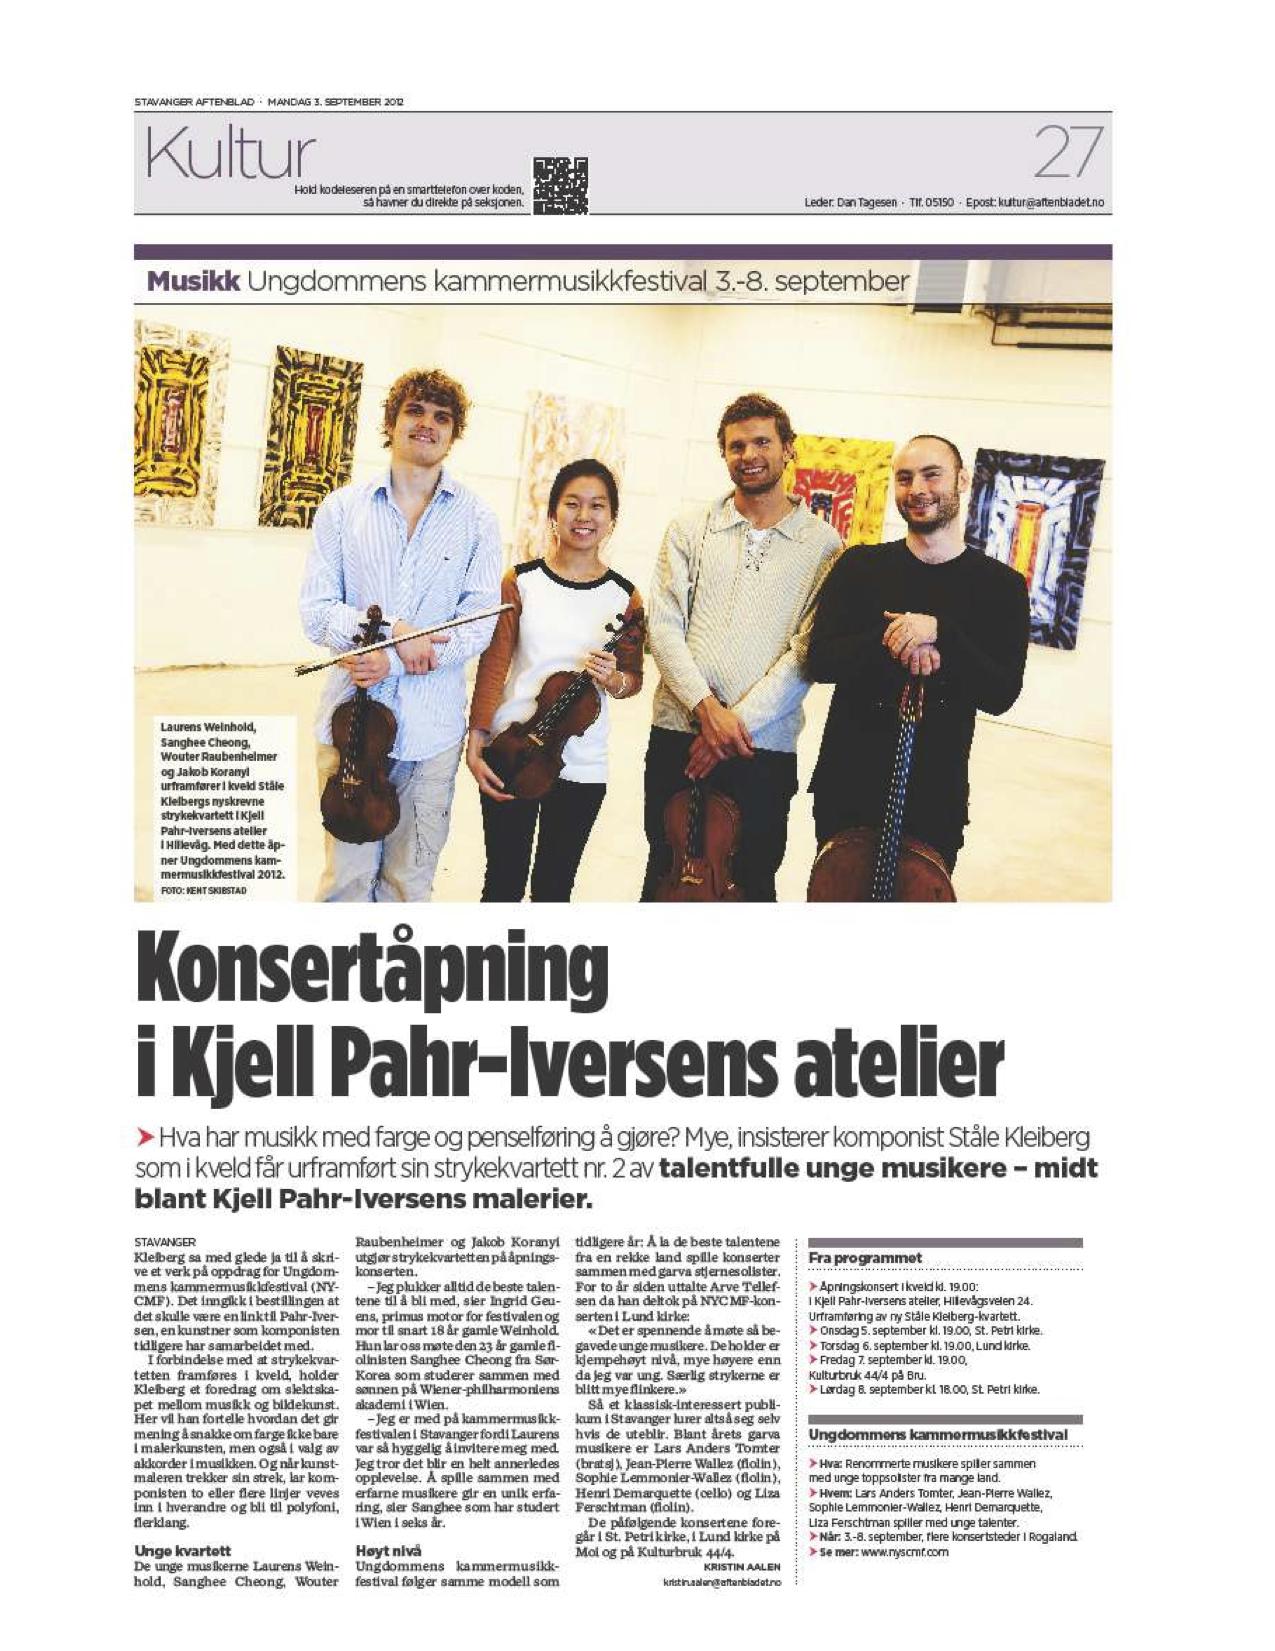 Aftenblad, September 3rd 2012